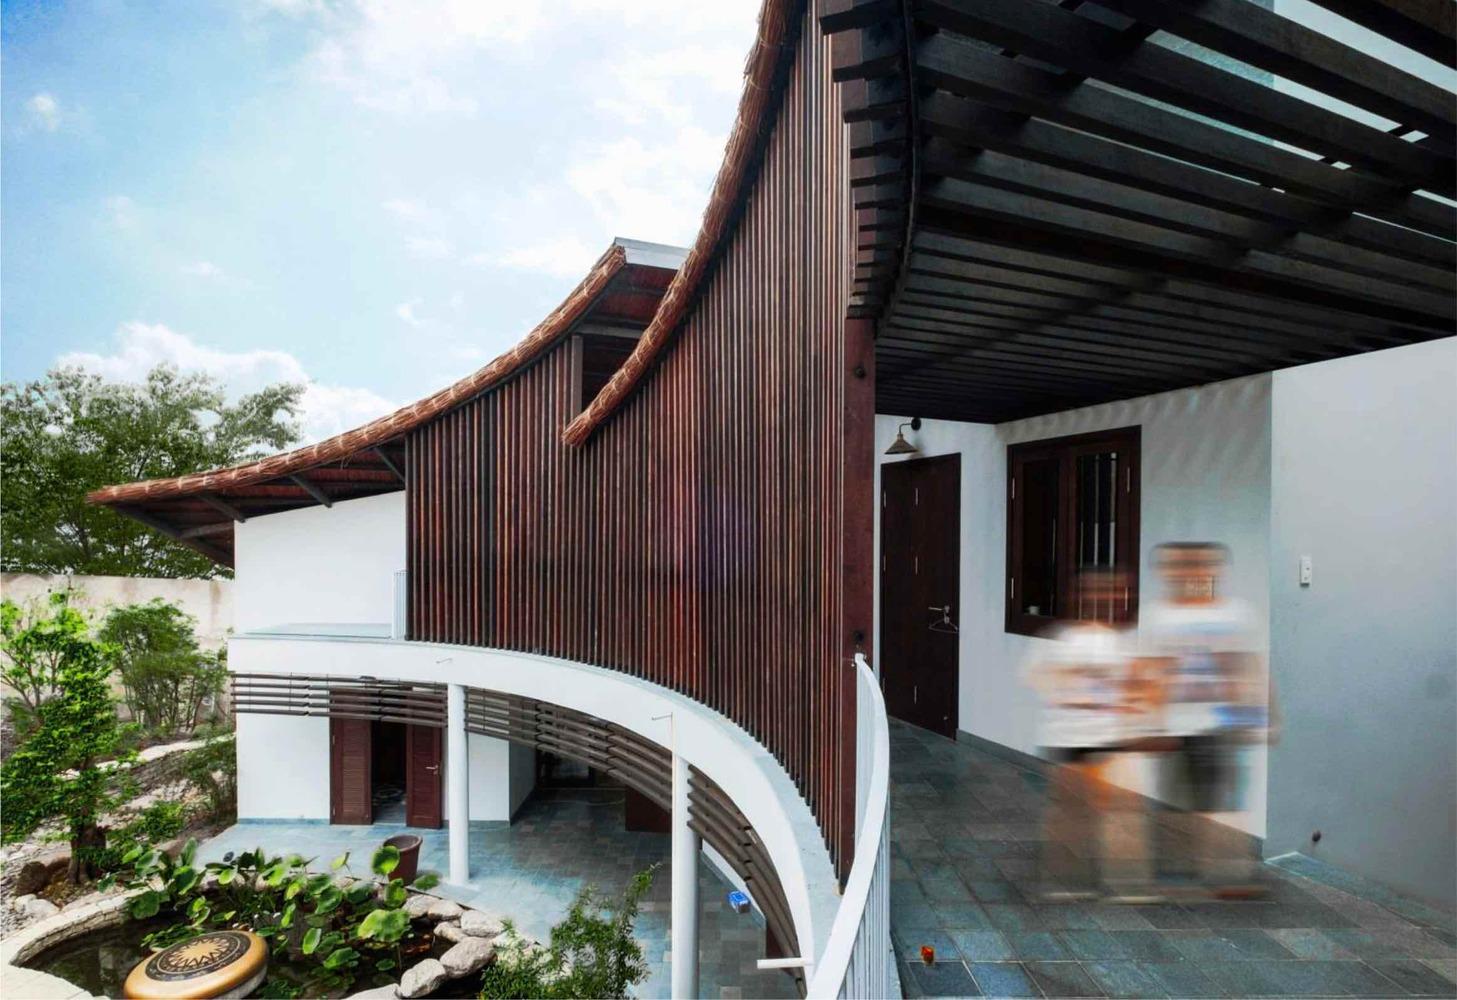 Với thiết kế gỗ chạy dọc hành lang, không gian trở nên sang trọng nhưng vẫn có nét truyền thống, cổ kính